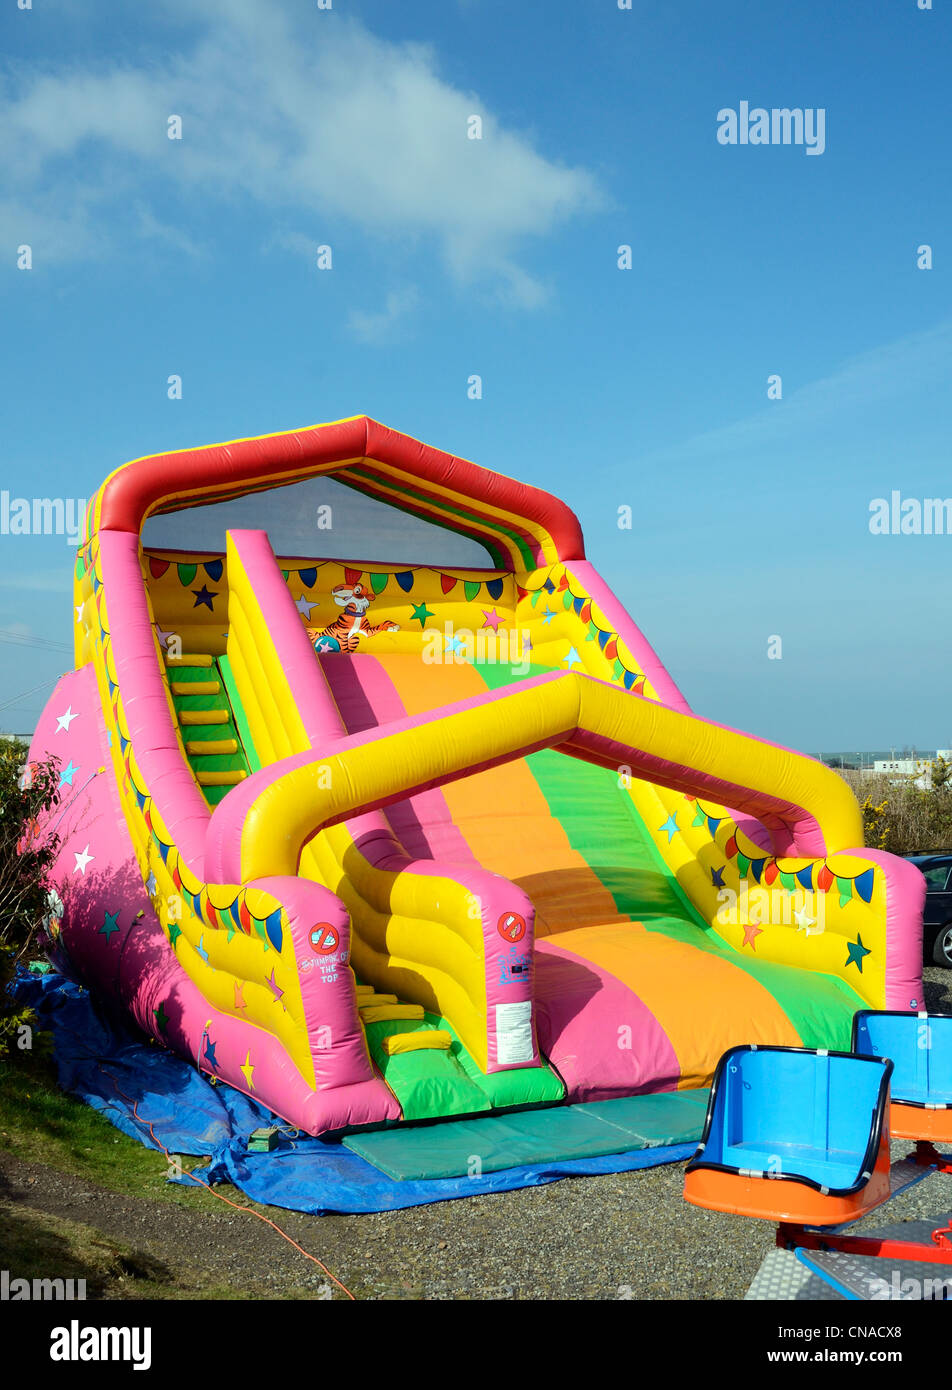 Un tobogán inflable para niños en una feria Imagen De Stock